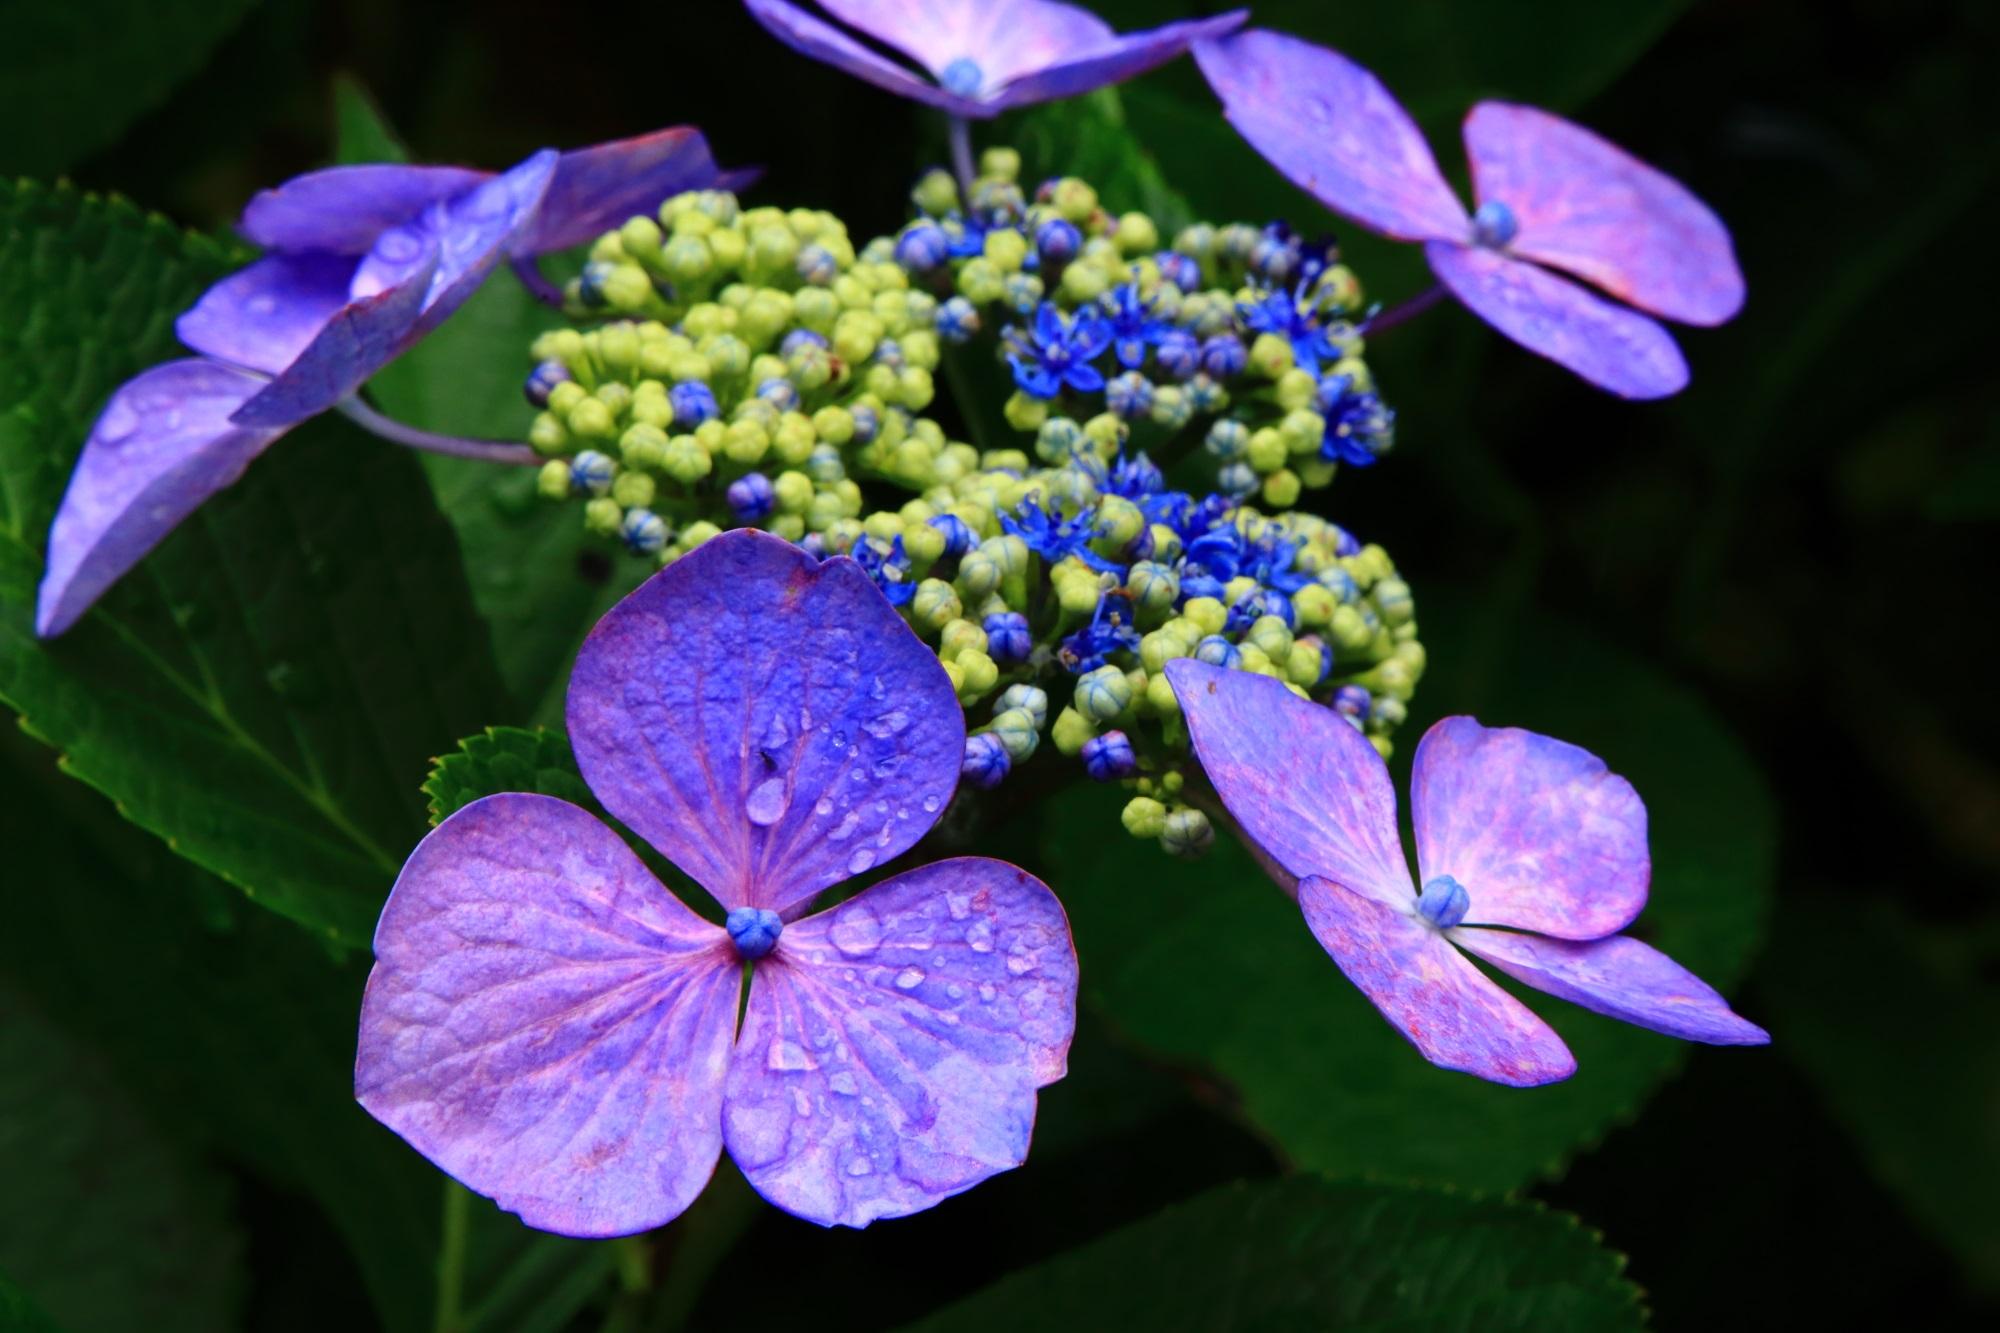 丹州観音寺の雨水で潤う鮮やかな額紫陽花